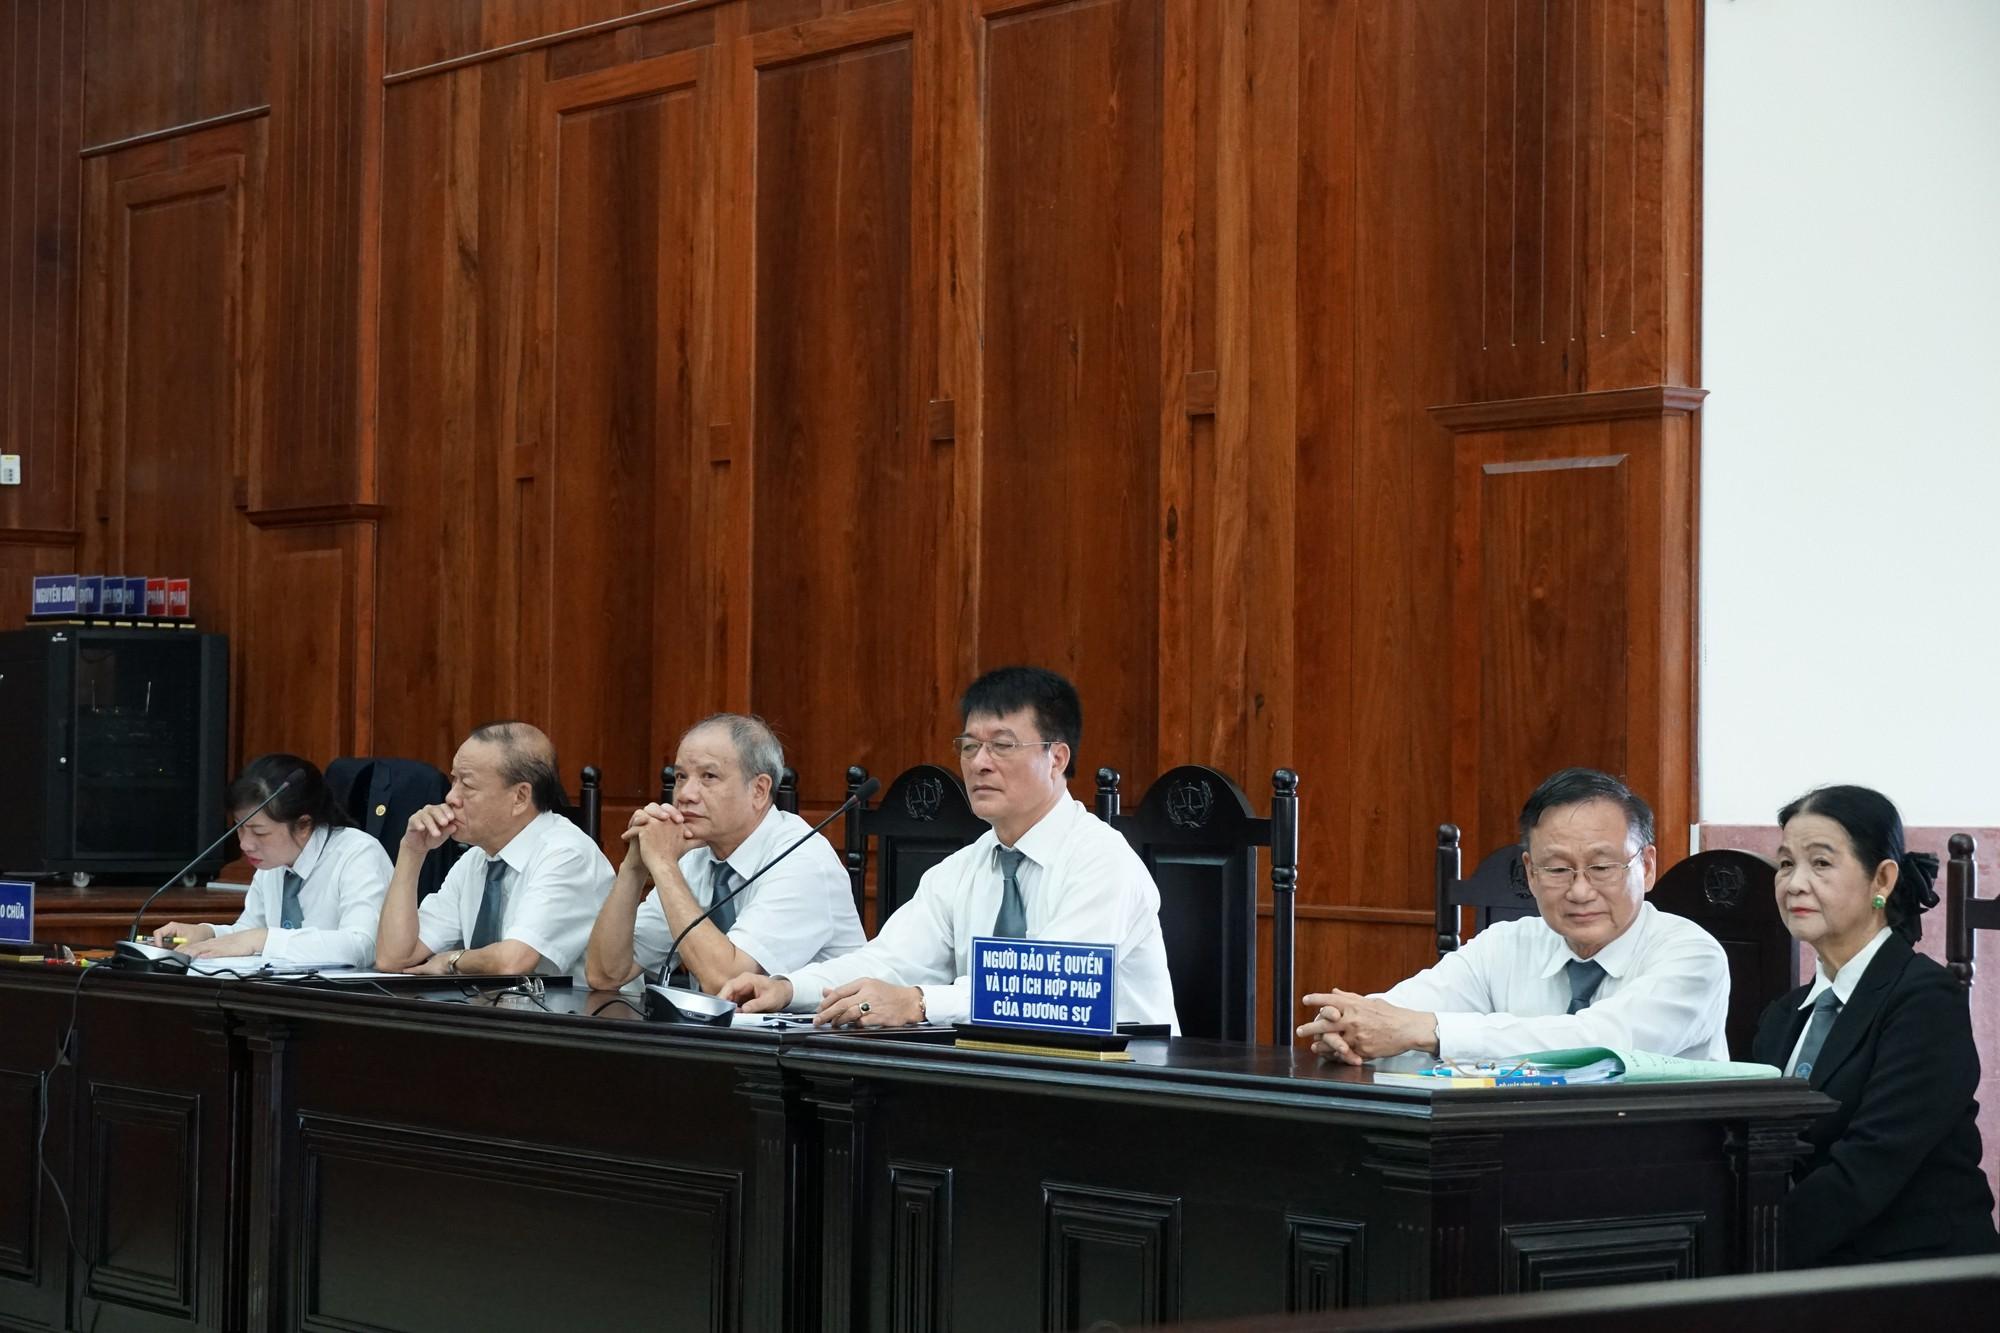 Hàng loạt luật sư vắng mặt, tòa hoãn xử phúc thẩm Vũ nhôm trong đại án ngân hàng Đông Á - Ảnh 3.